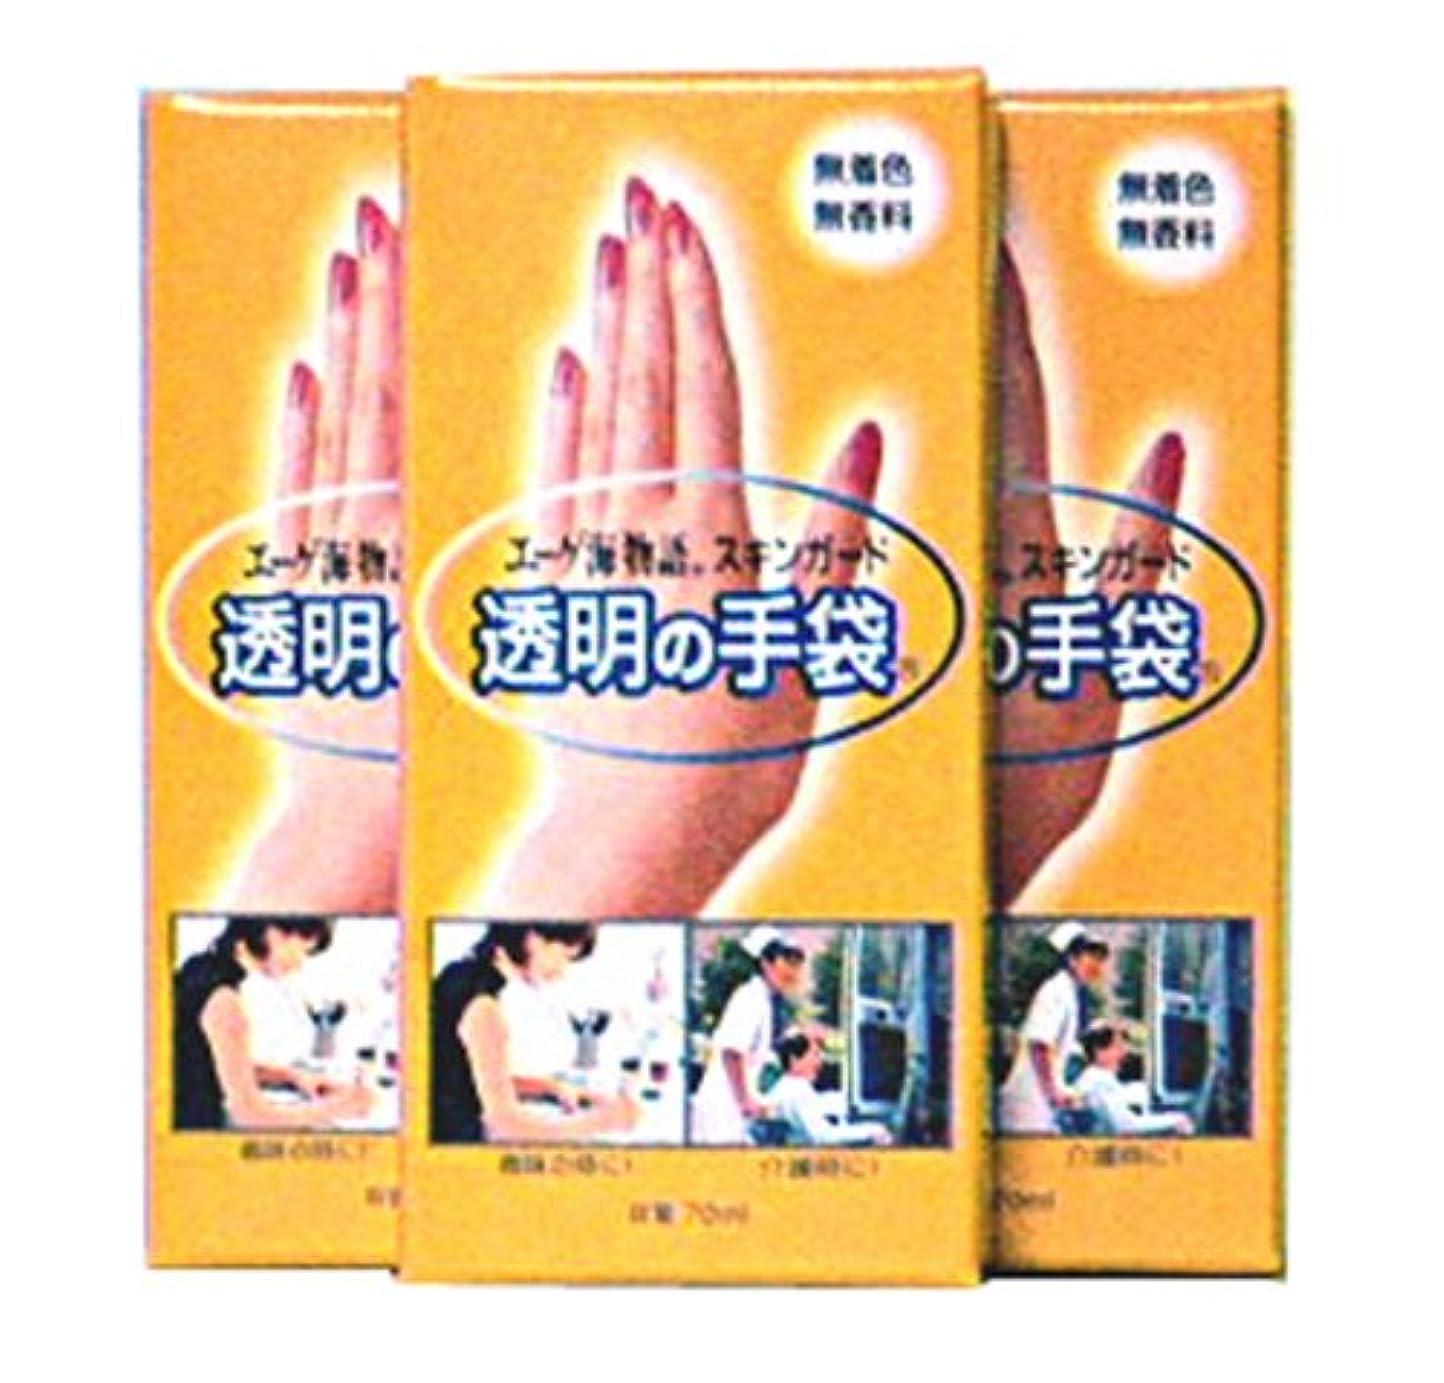 嵐必要ないブランド名エーゲ海物語スキンガード透明の手袋 3コセット